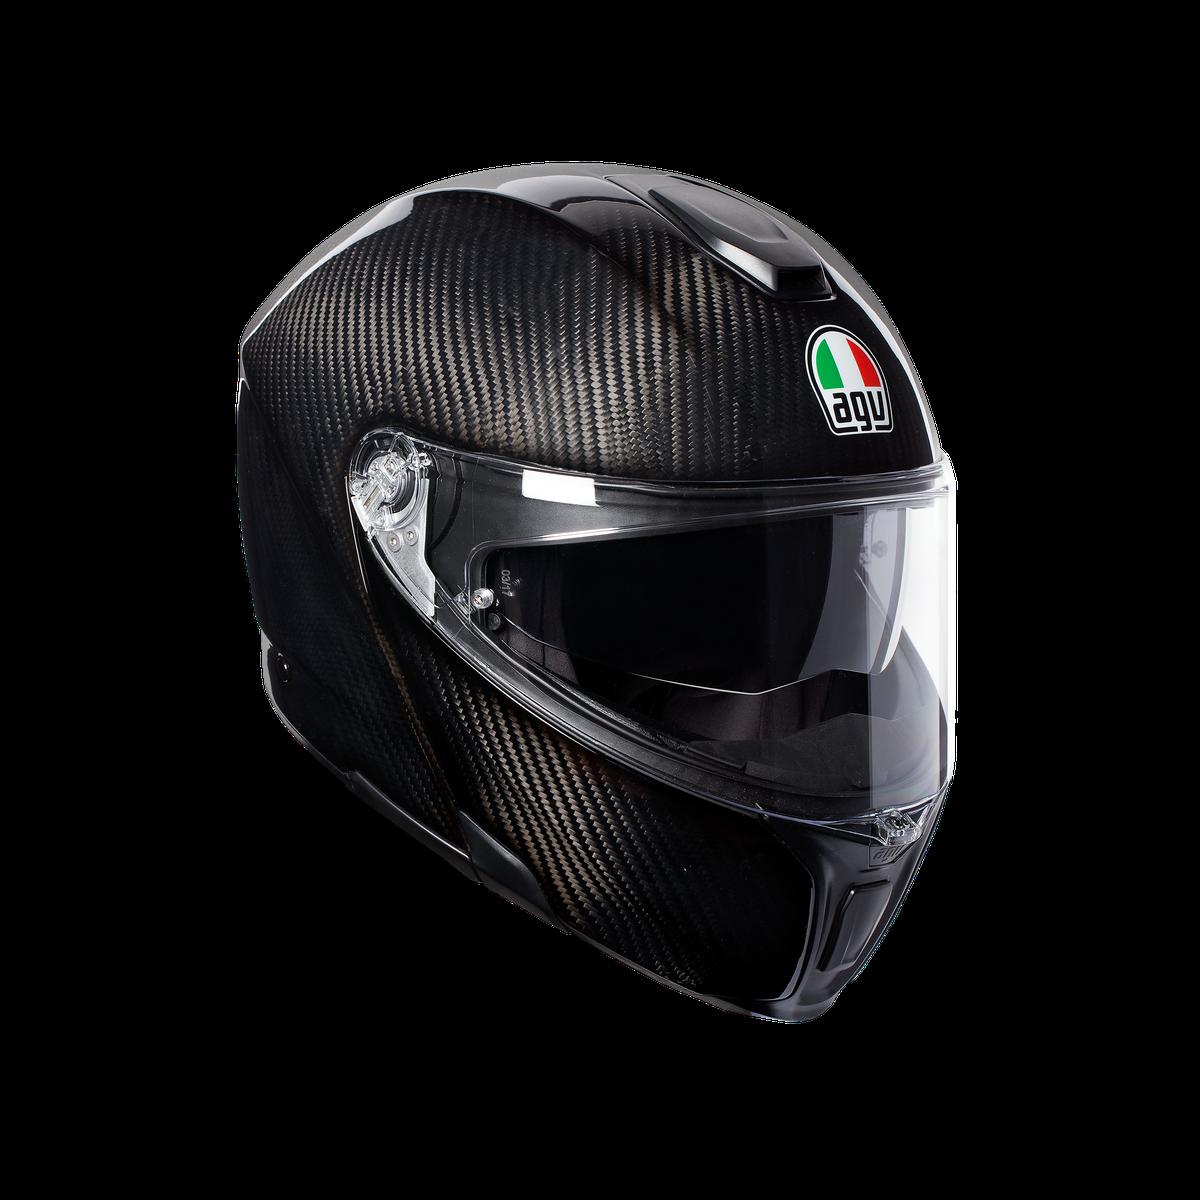 AGV sport modular helmet review - kane avellano @Bonnietour